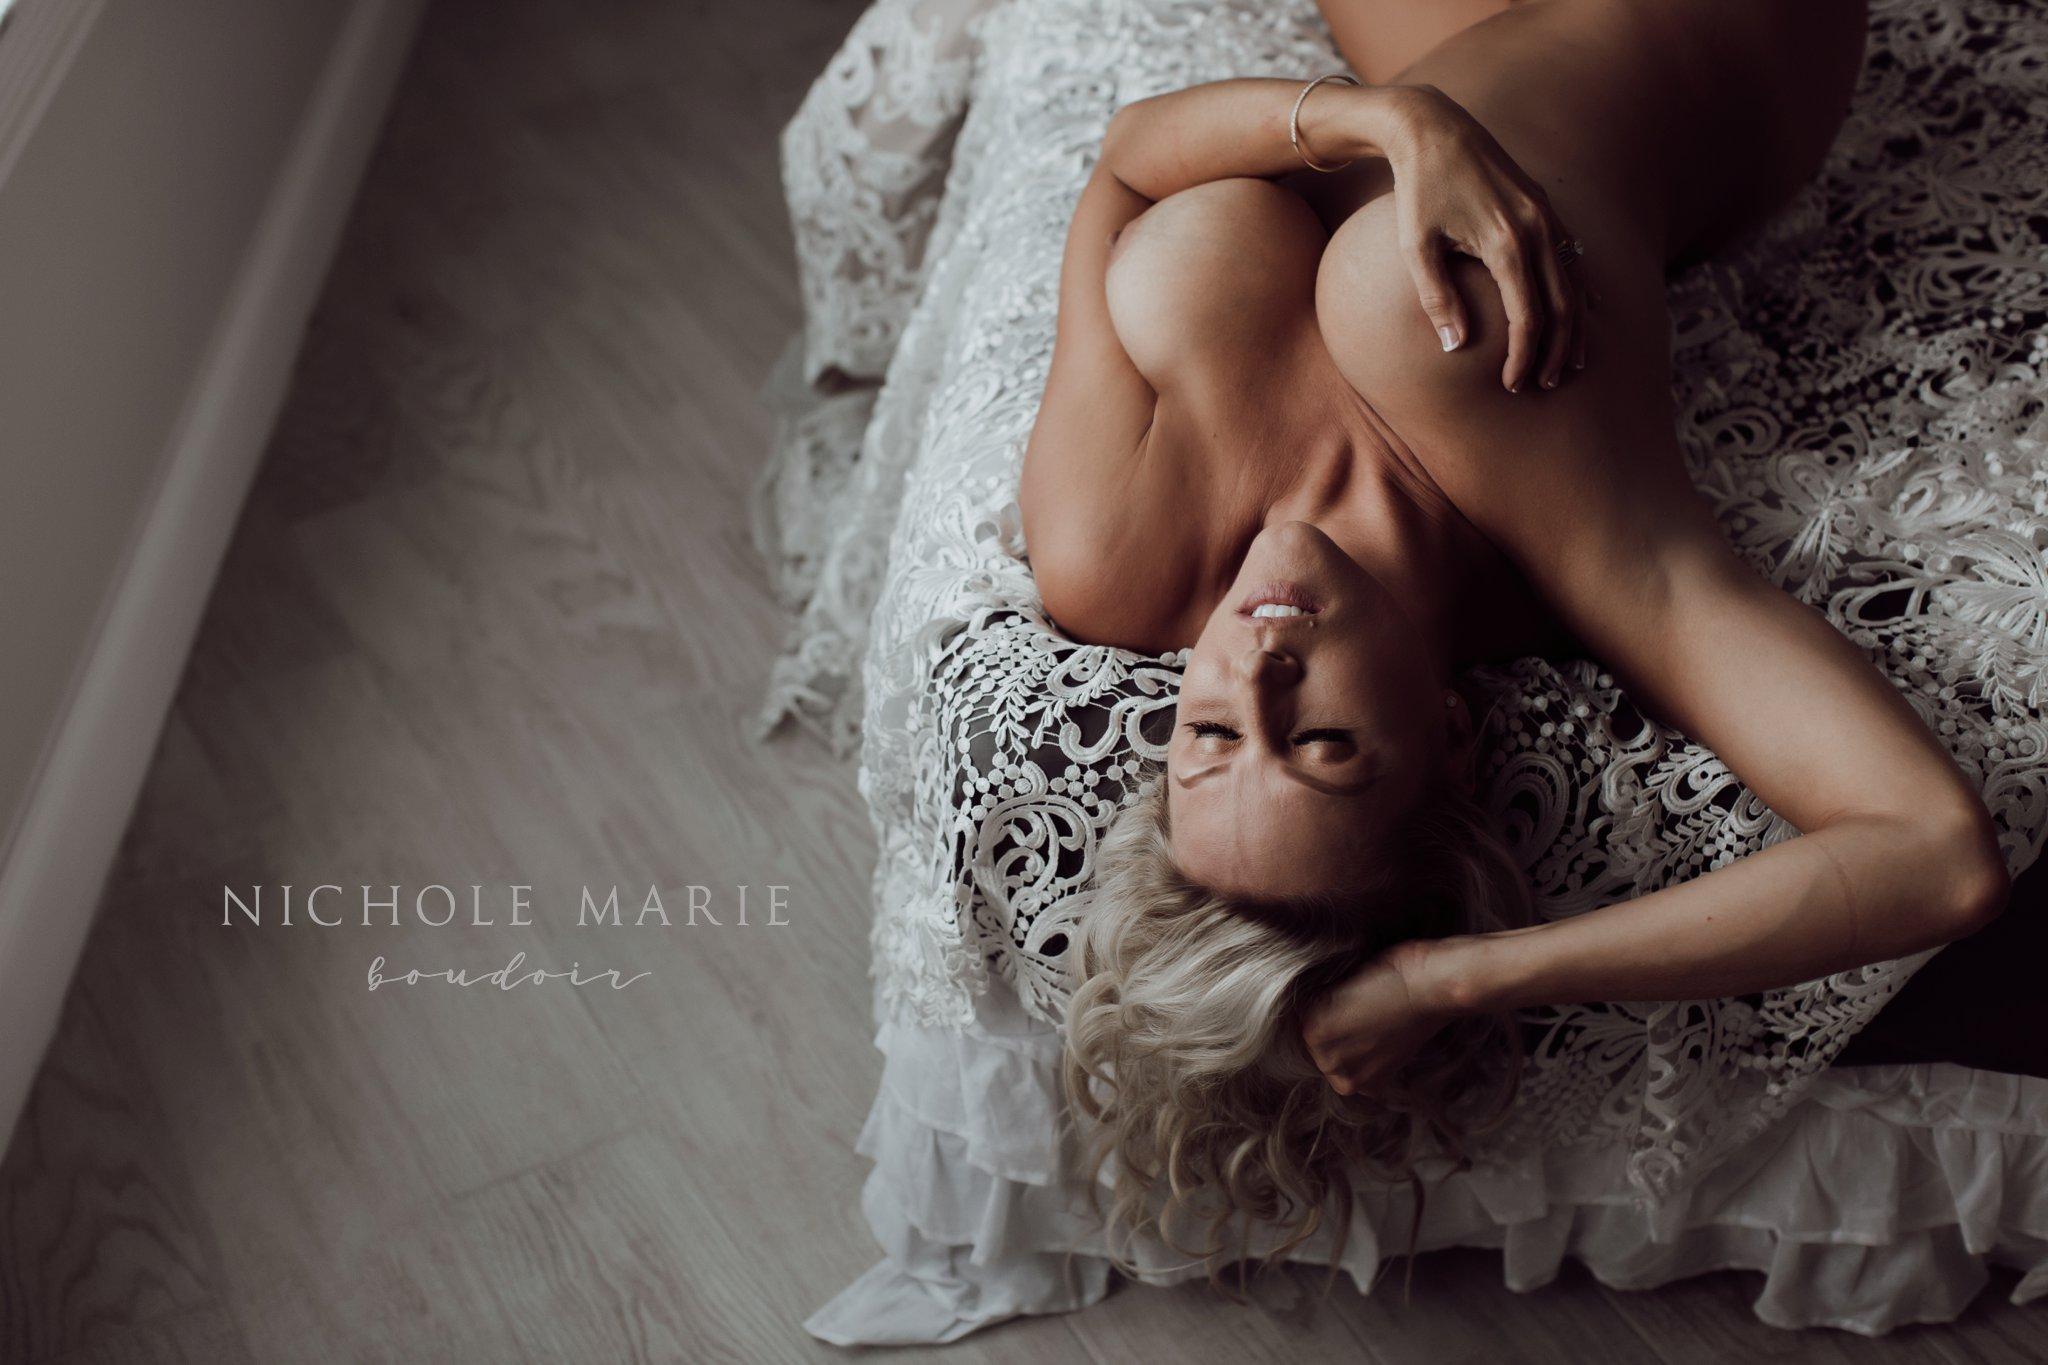 SEBASTIAN FLORIDA BOUDOIR PHOTOGRAPHER | NICHOLE MARIE BOUDOIR_0304.jpg